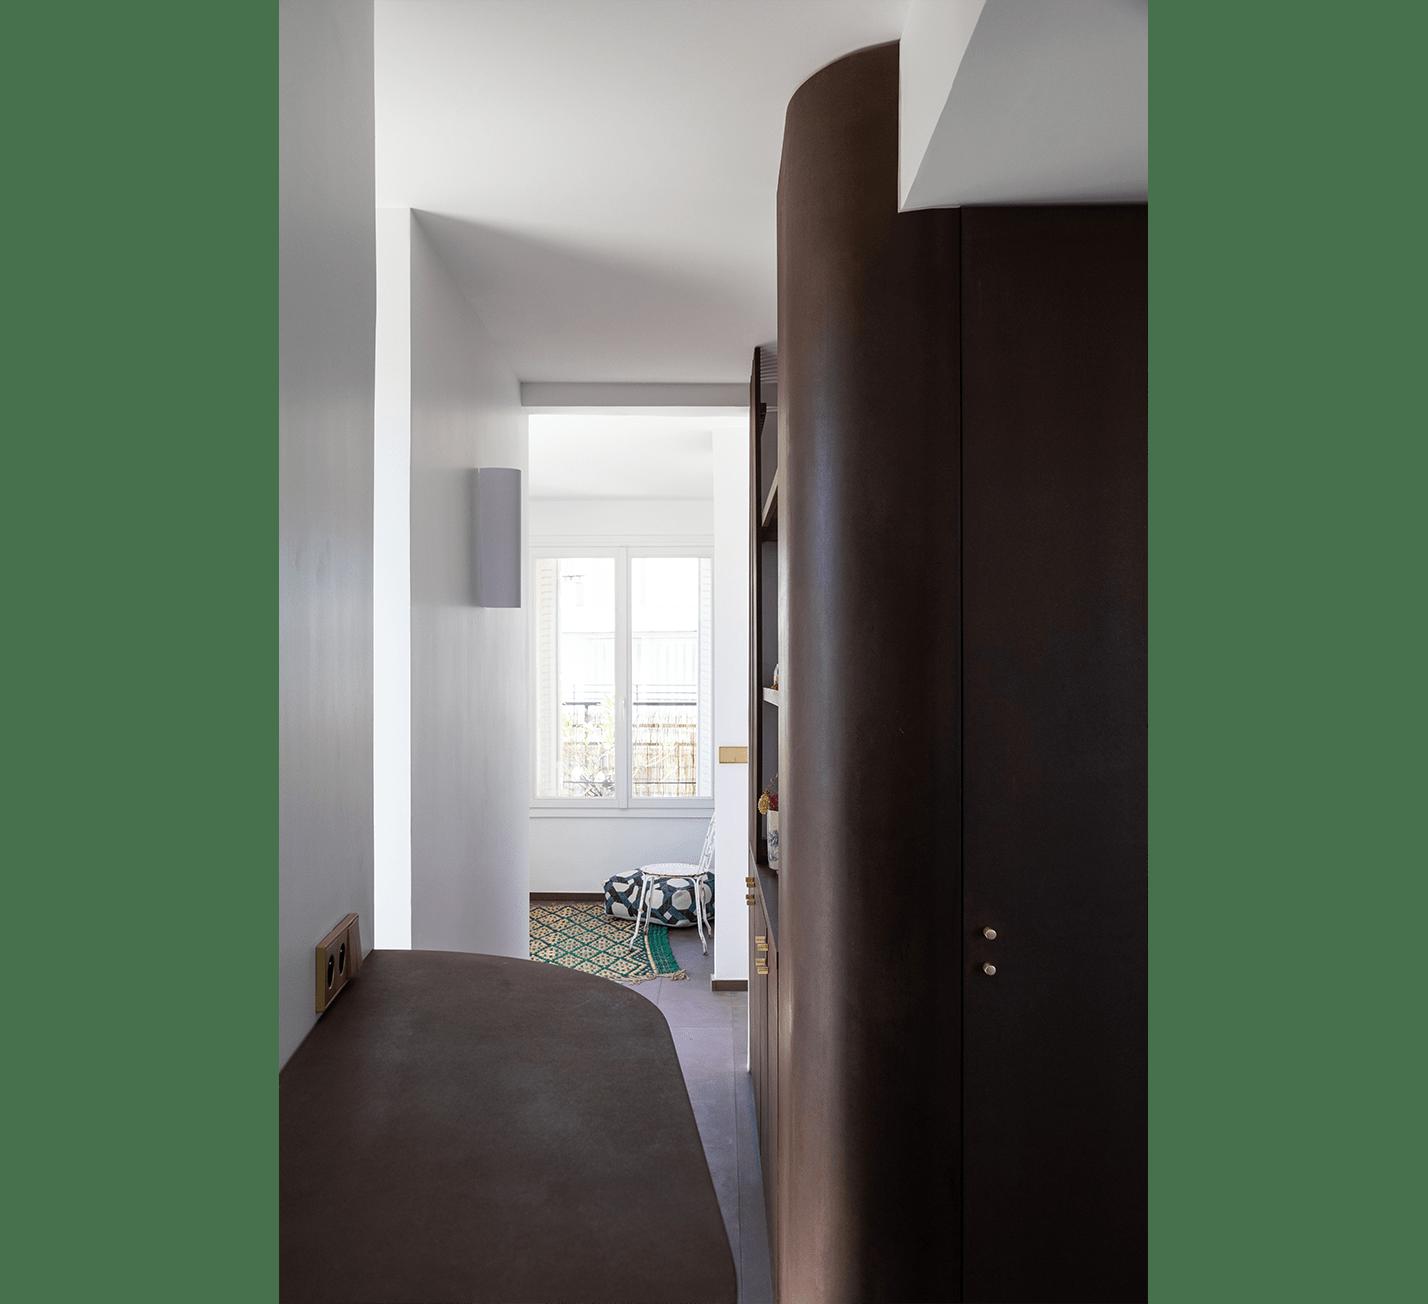 Projet-Gabriel-Atelier-Steve-Pauline-Borgia-Architecture-interieur-06-min